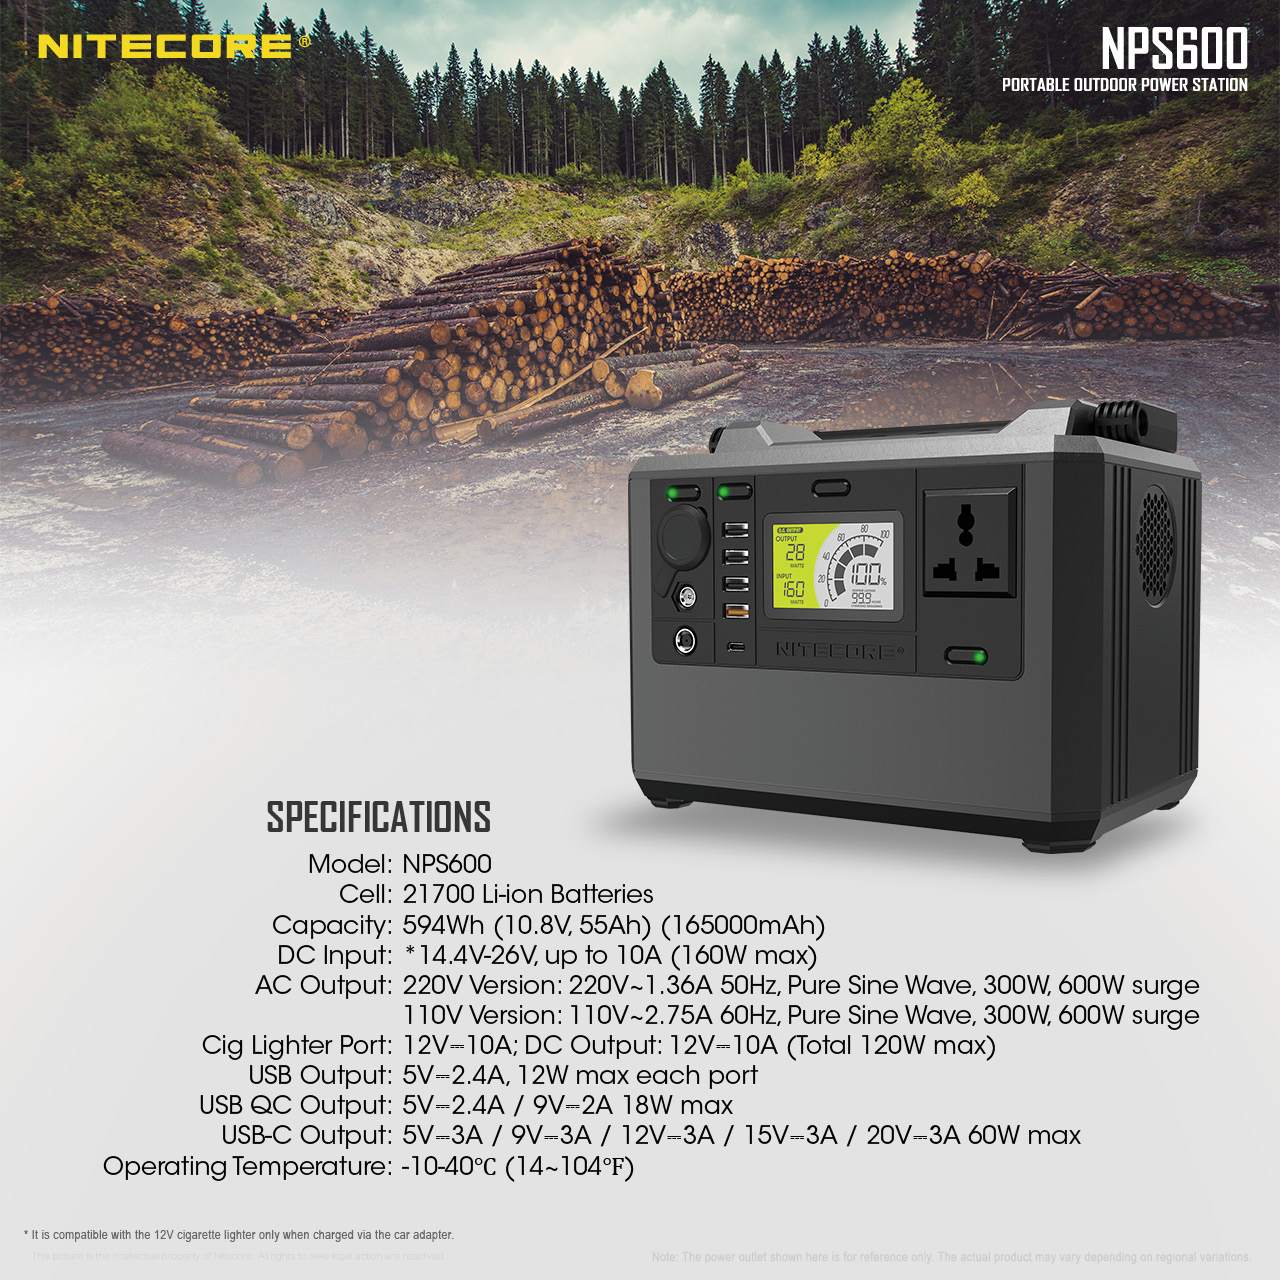 nps600-en-ver2-23.jpg